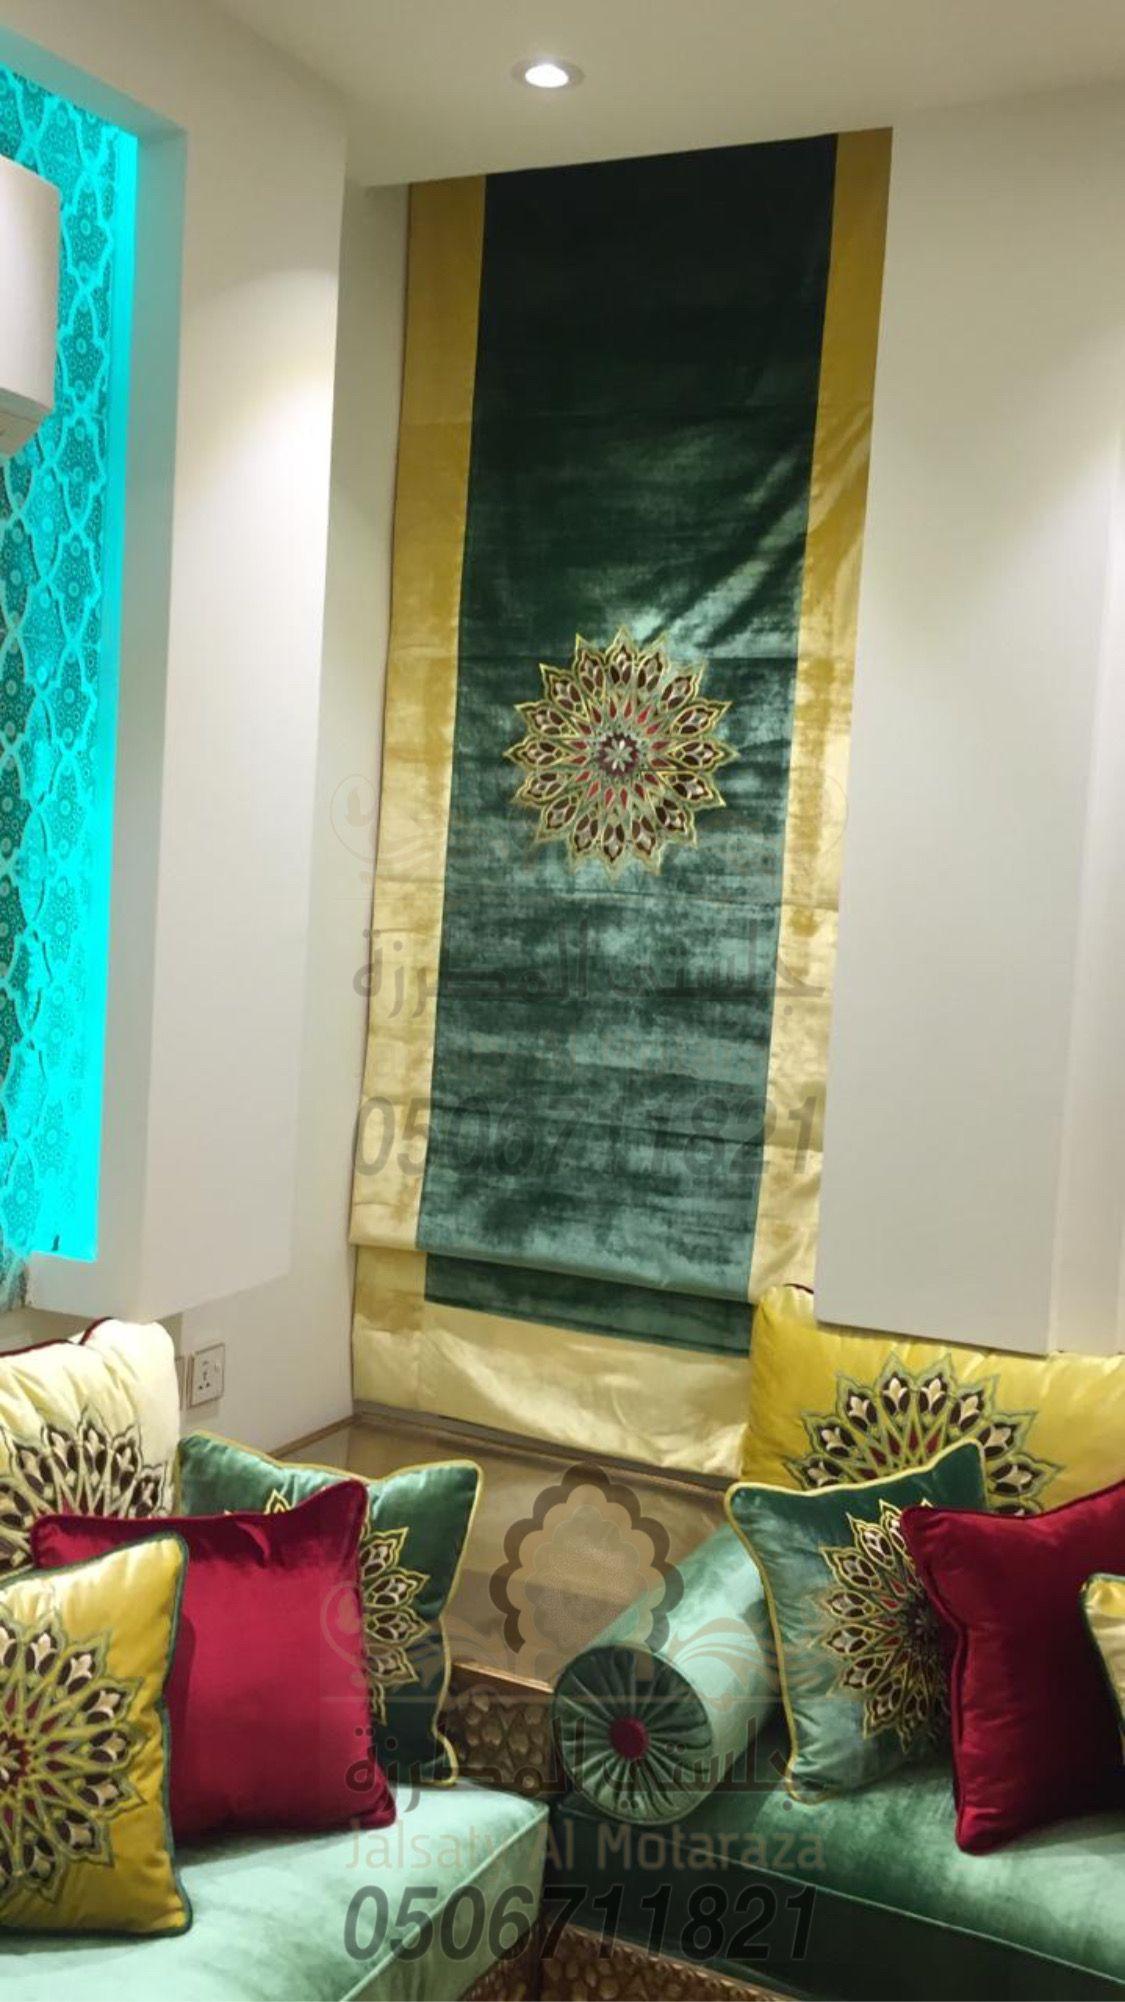 ستارة روماني روعة من تصميم وتنفيذ جلستي المطرزة Roman Shade Curtain Decor Home Decor